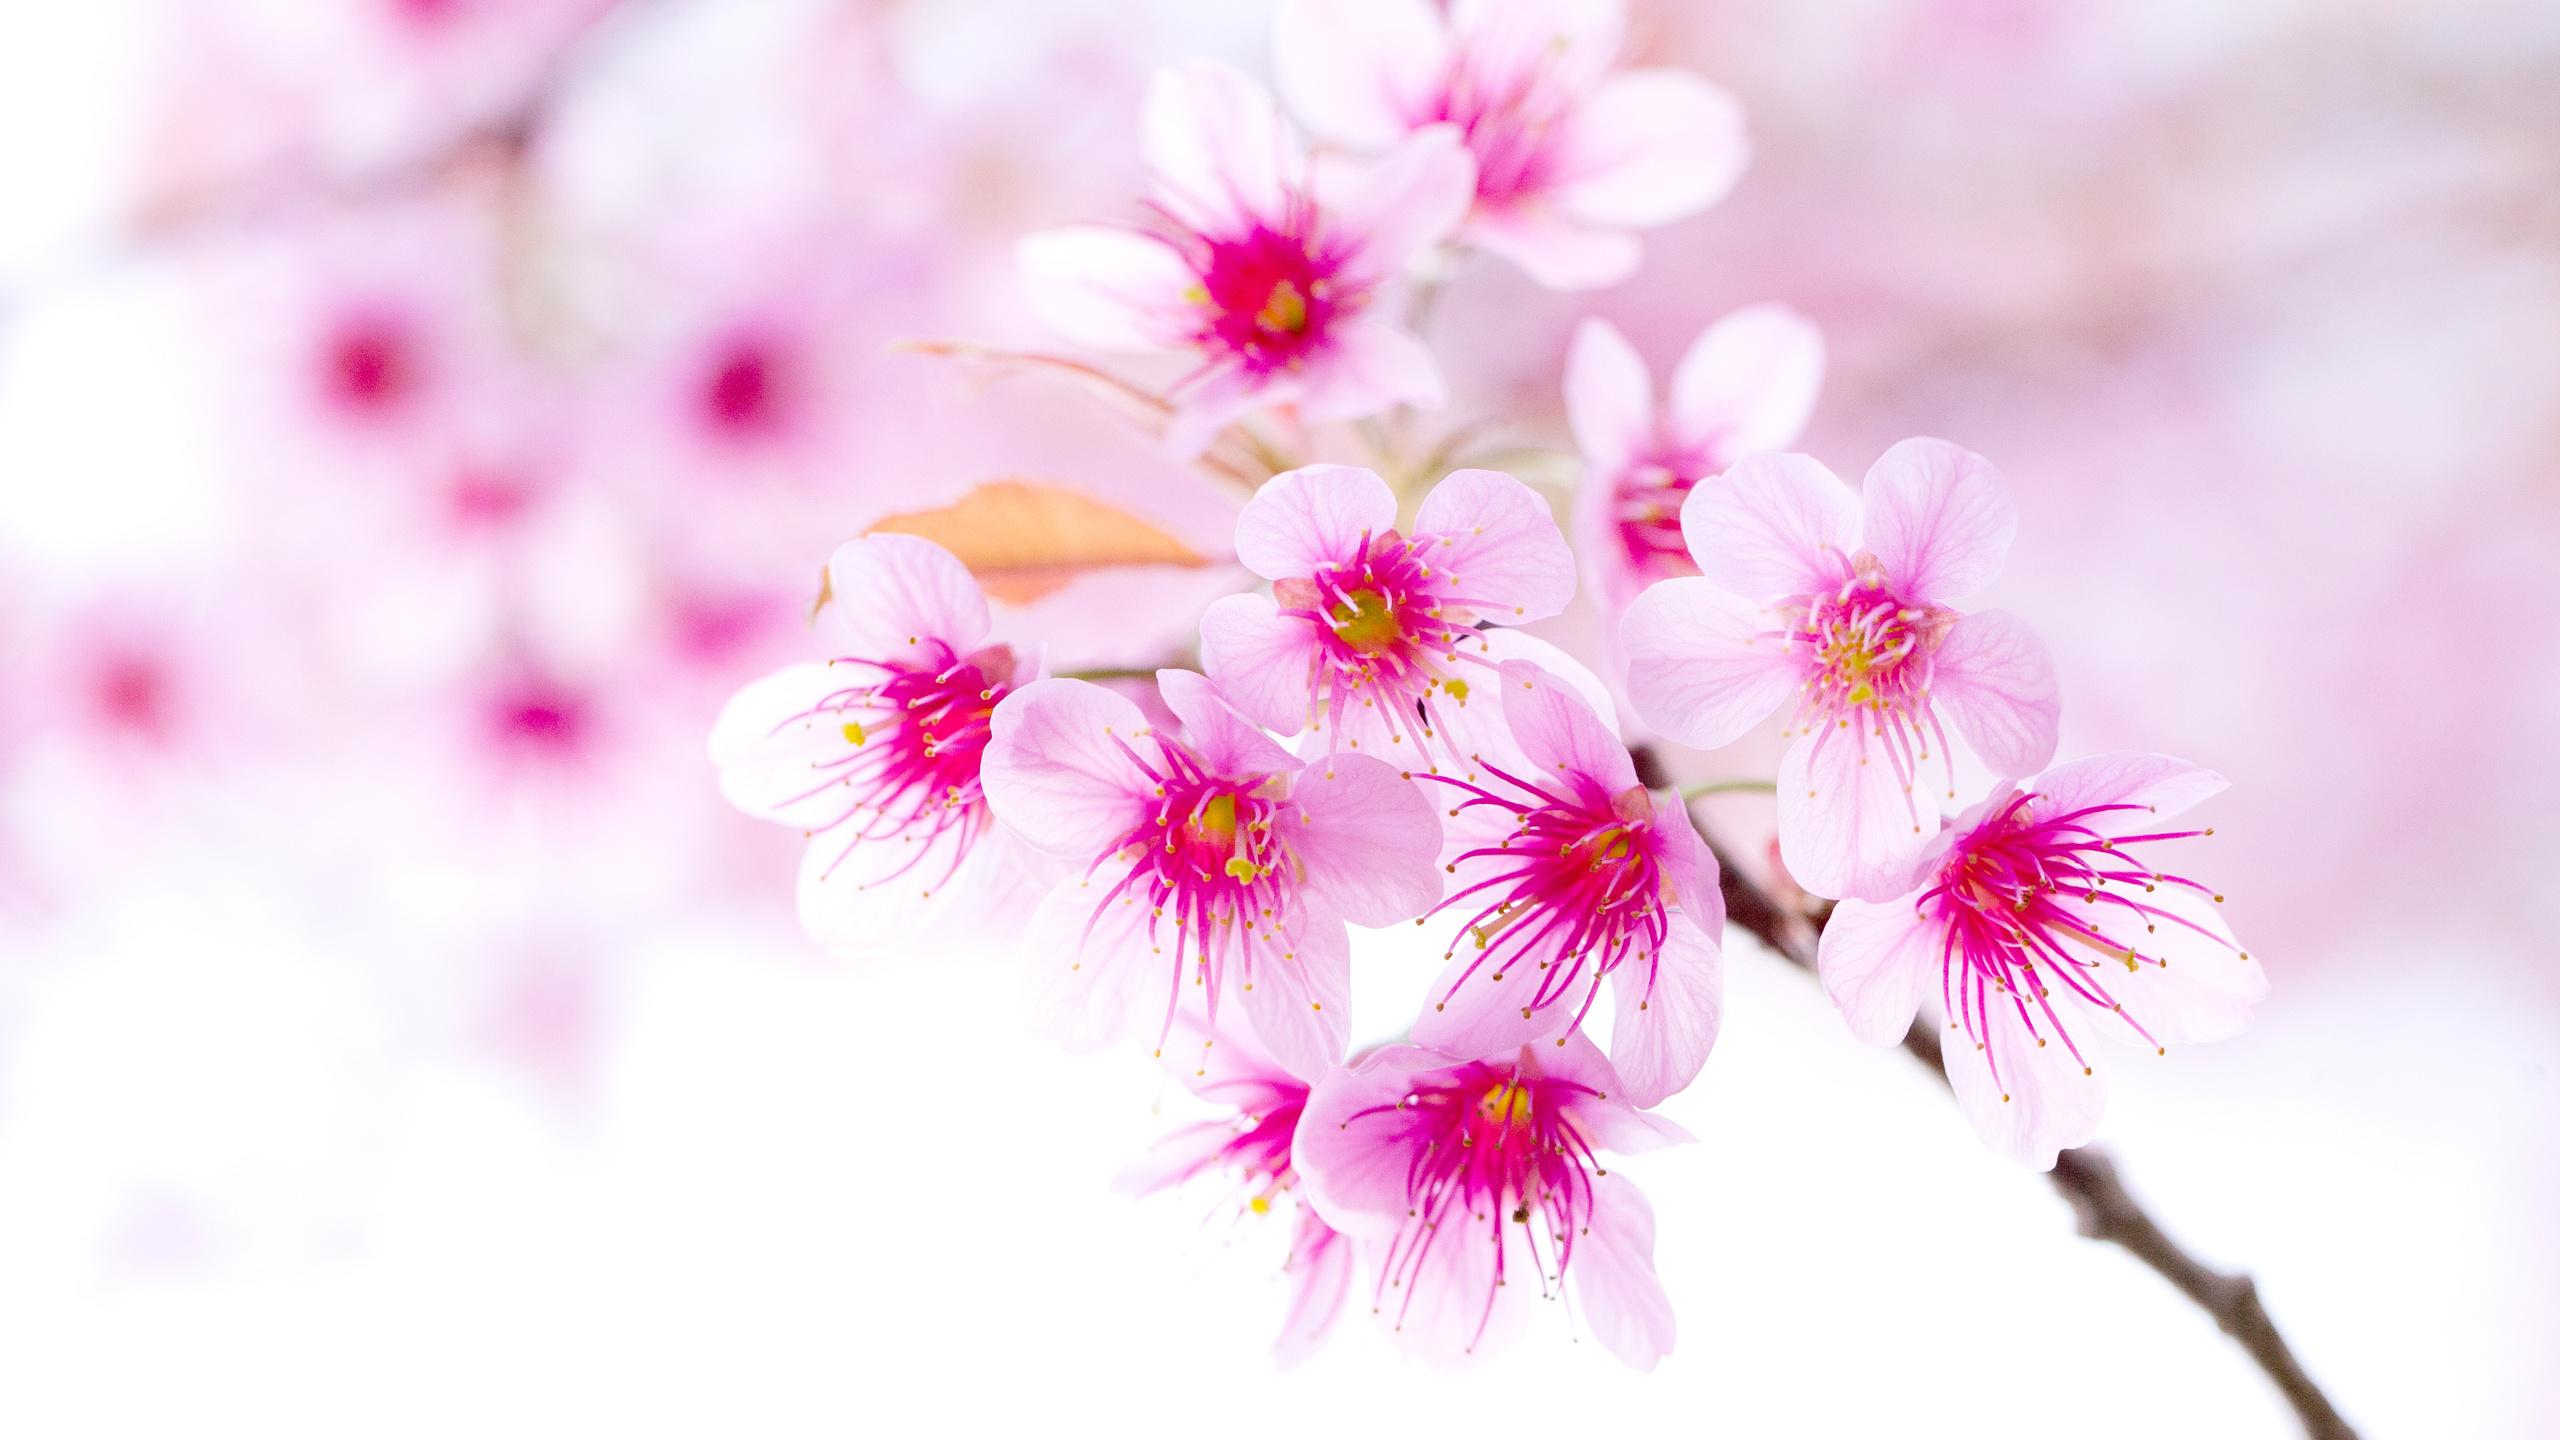 Картинки цветы на телефон новинки